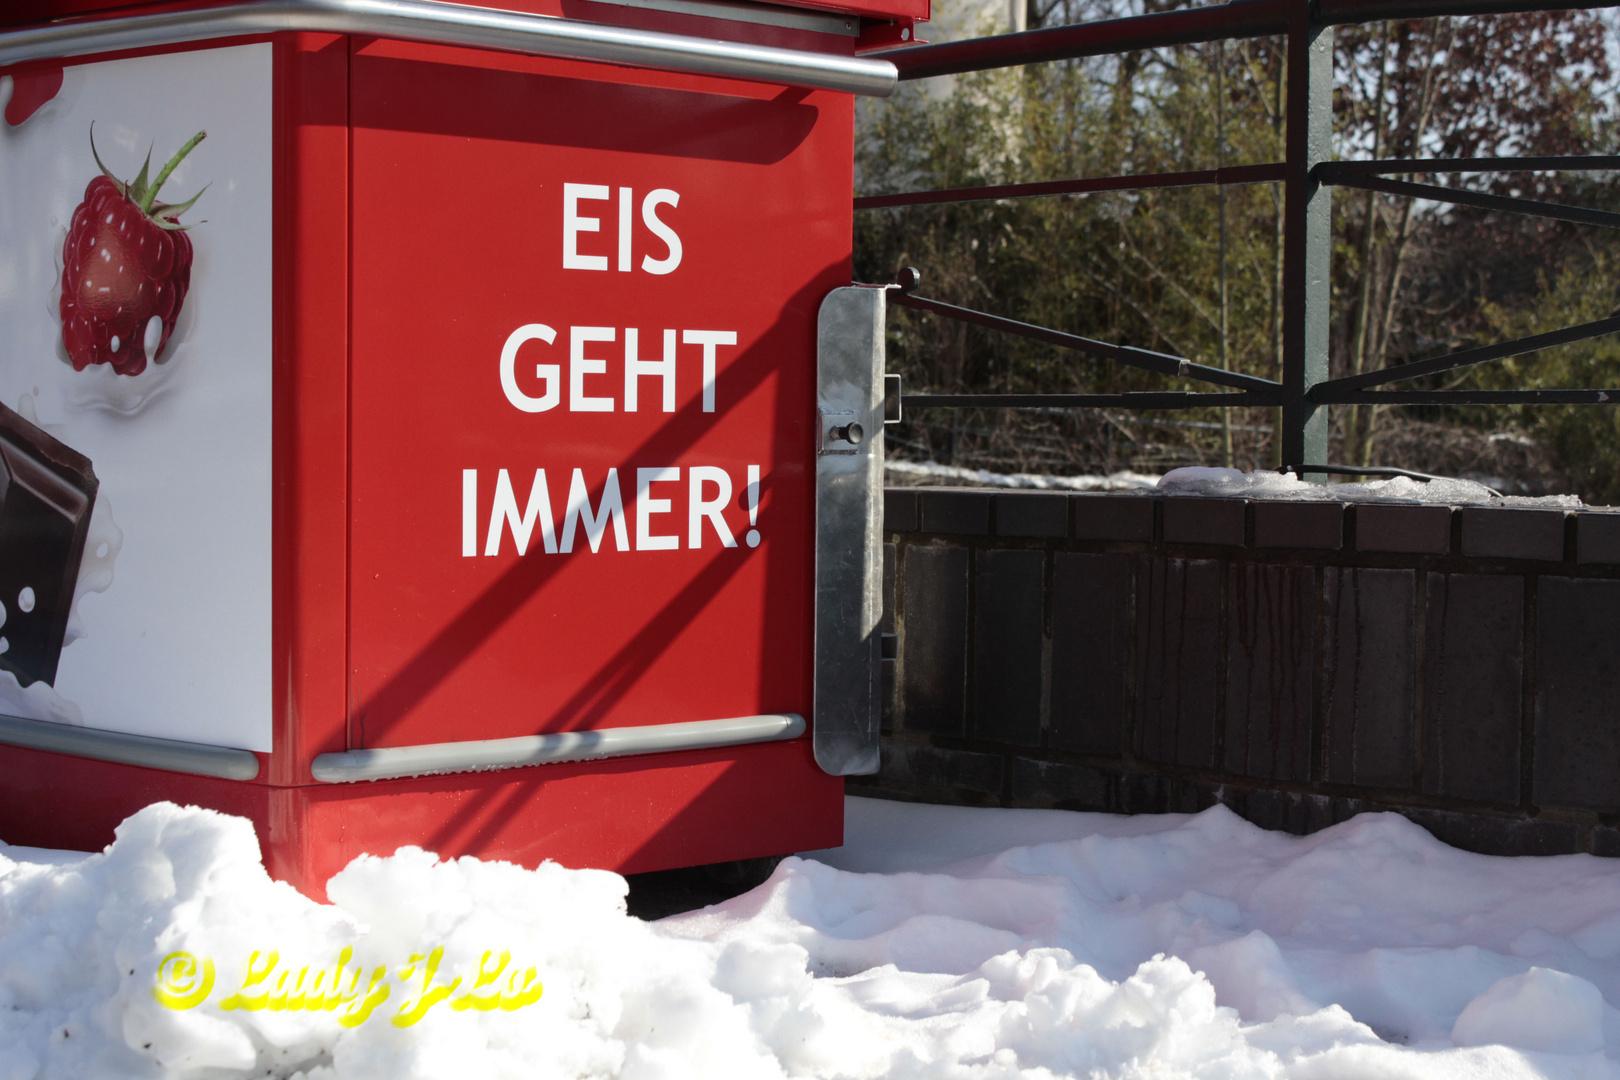 Eis geht immer....